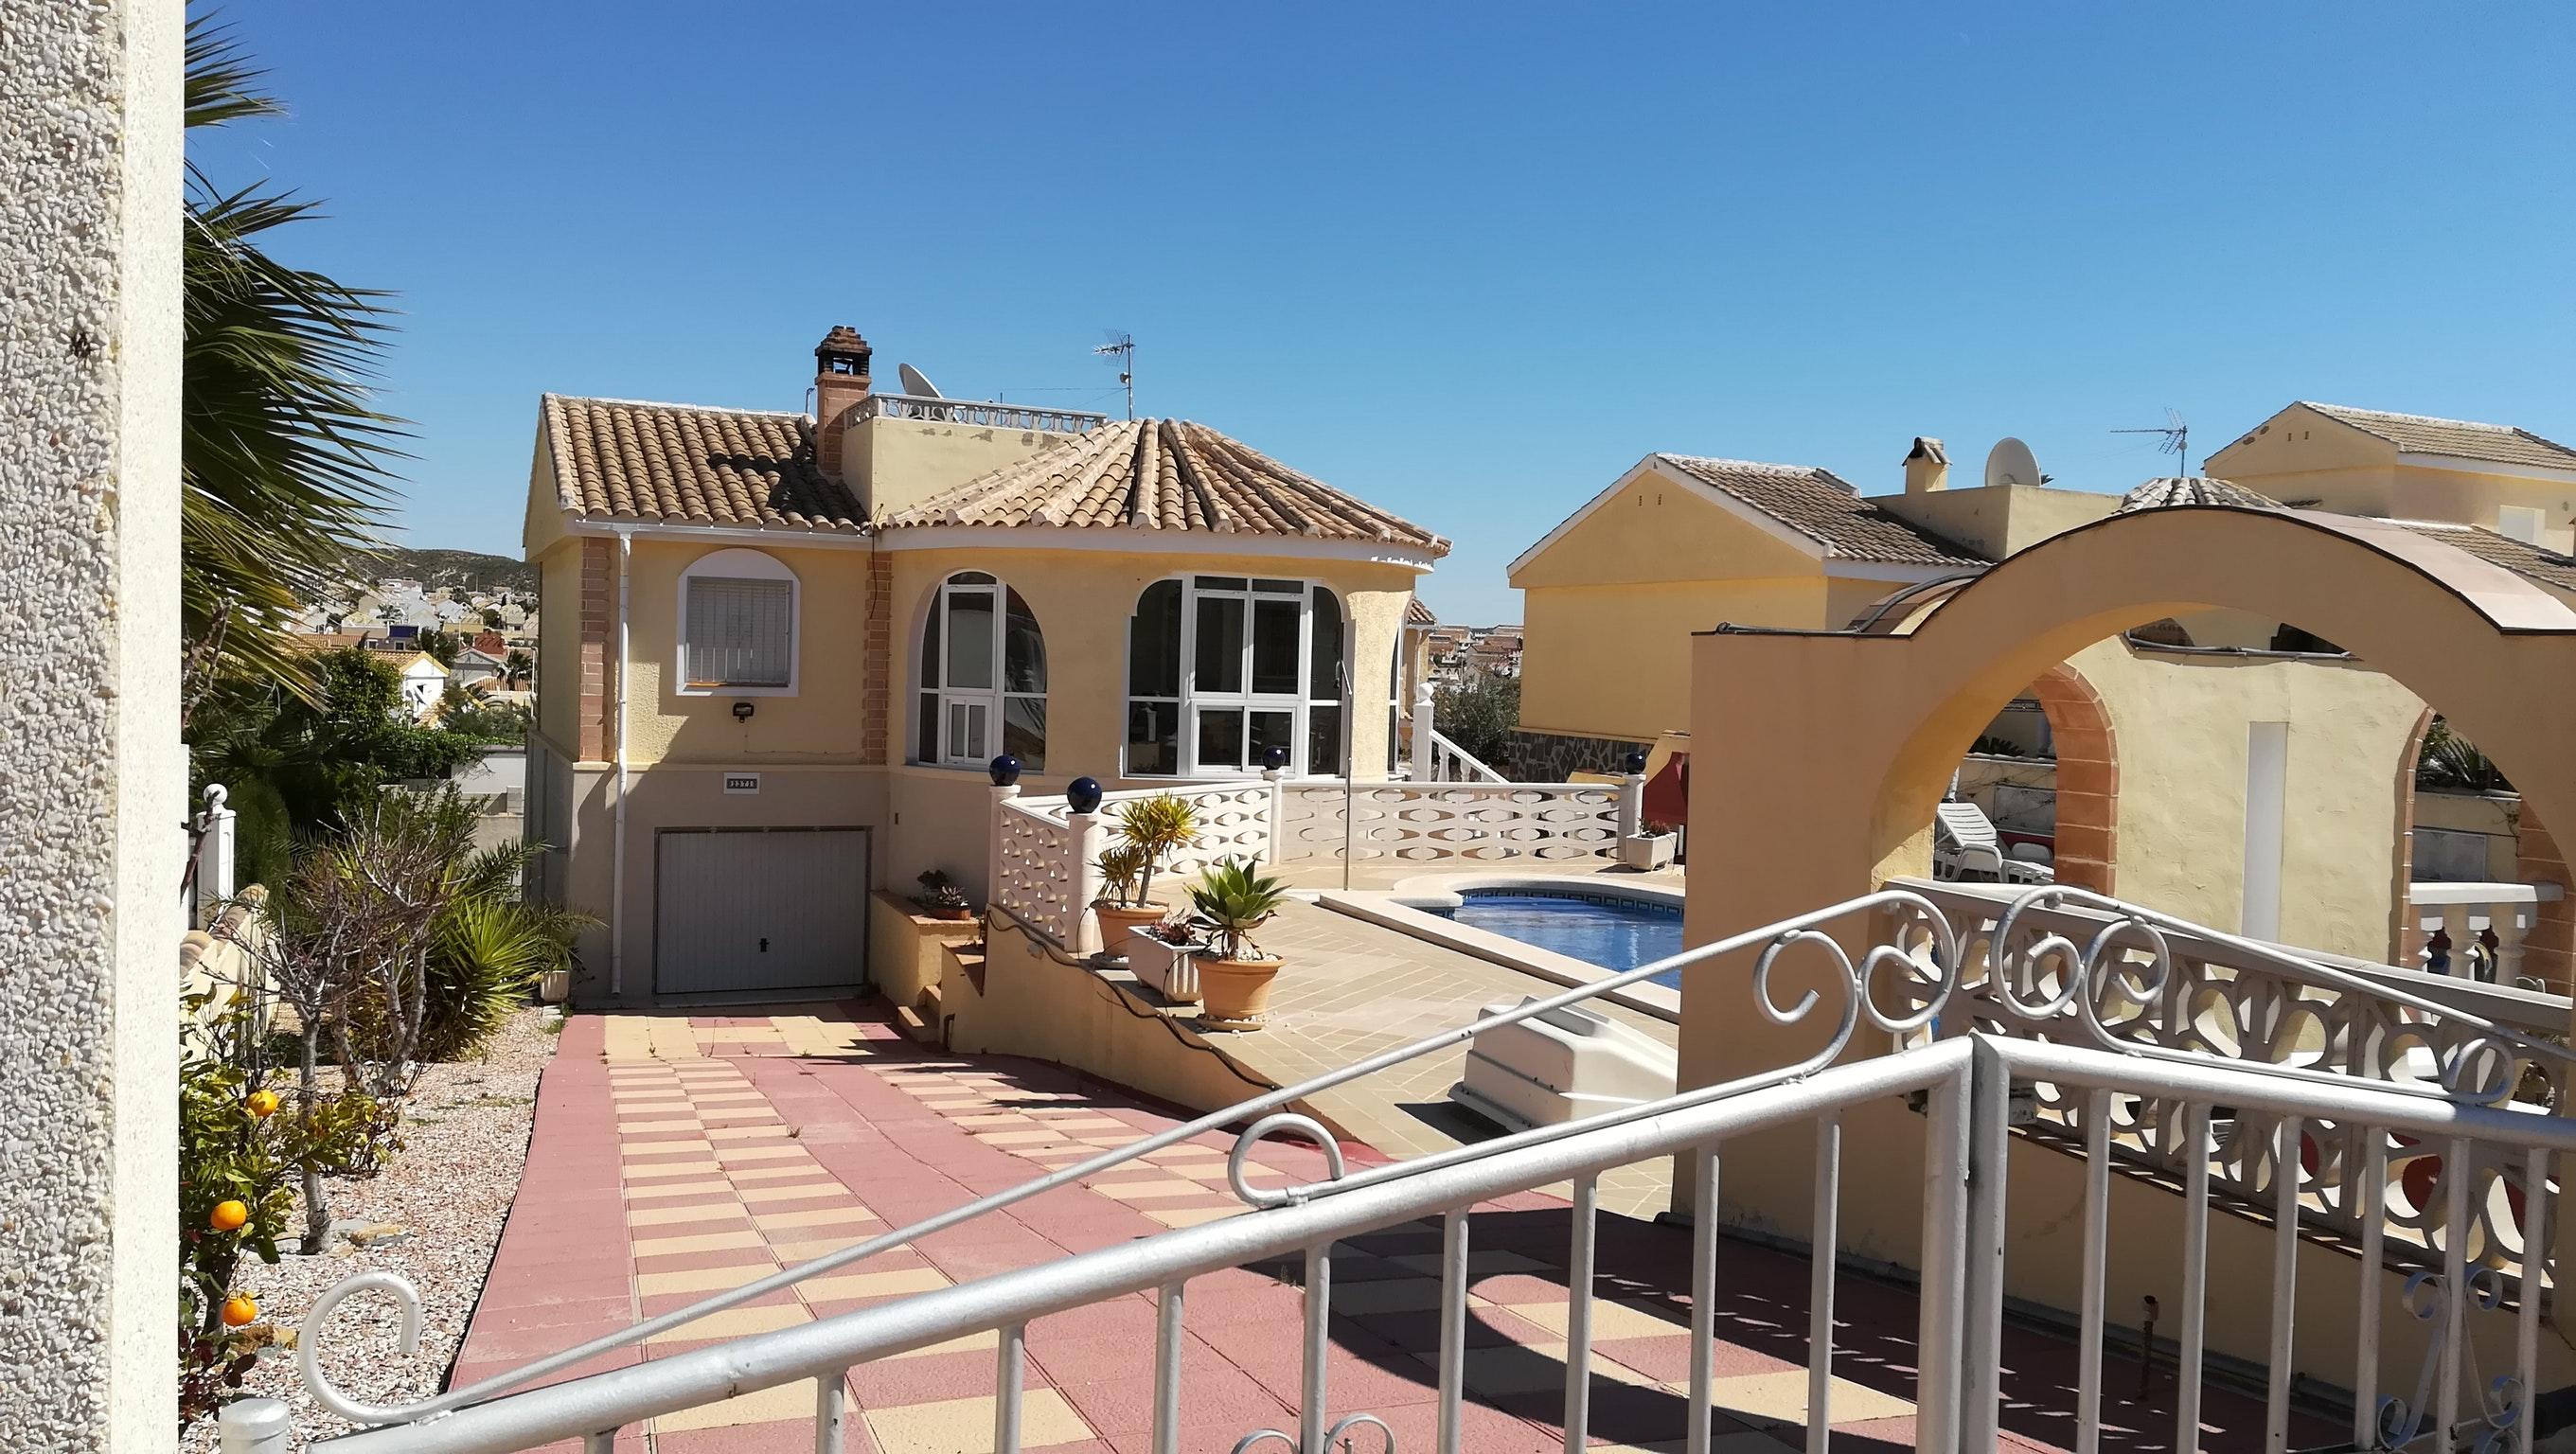 Maison de vacances Villa mit 2 Schlafzimmern in Mazarrón mit toller Aussicht auf die Berge, privatem Pool, ei (2632538), Mazarron, Costa Calida, Murcie, Espagne, image 25